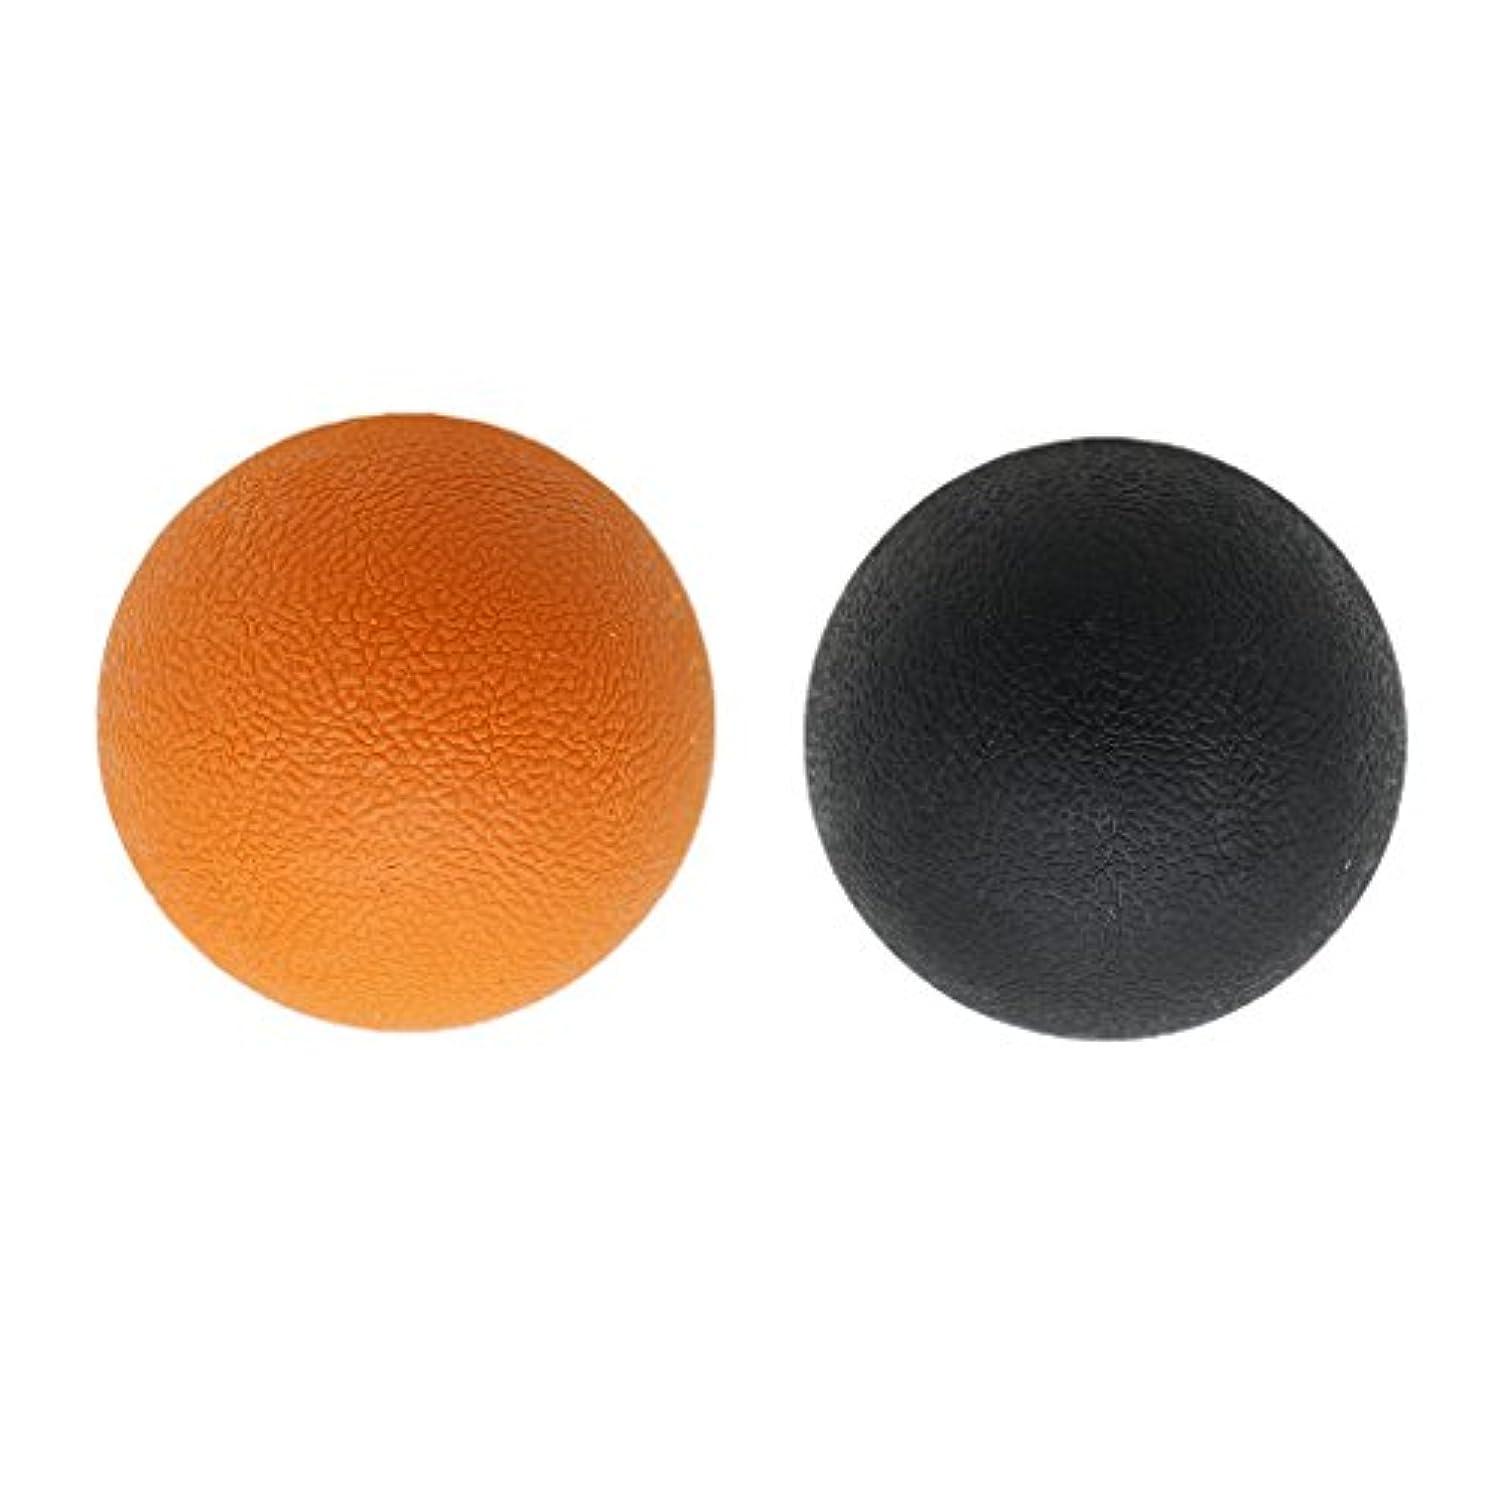 甘美な弱まるにじみ出るBaoblaze 2個 マッサージボール ラクロスボール トリガ ポイントマッサージ 弾性TPE 多色選べる - オレンジブラック